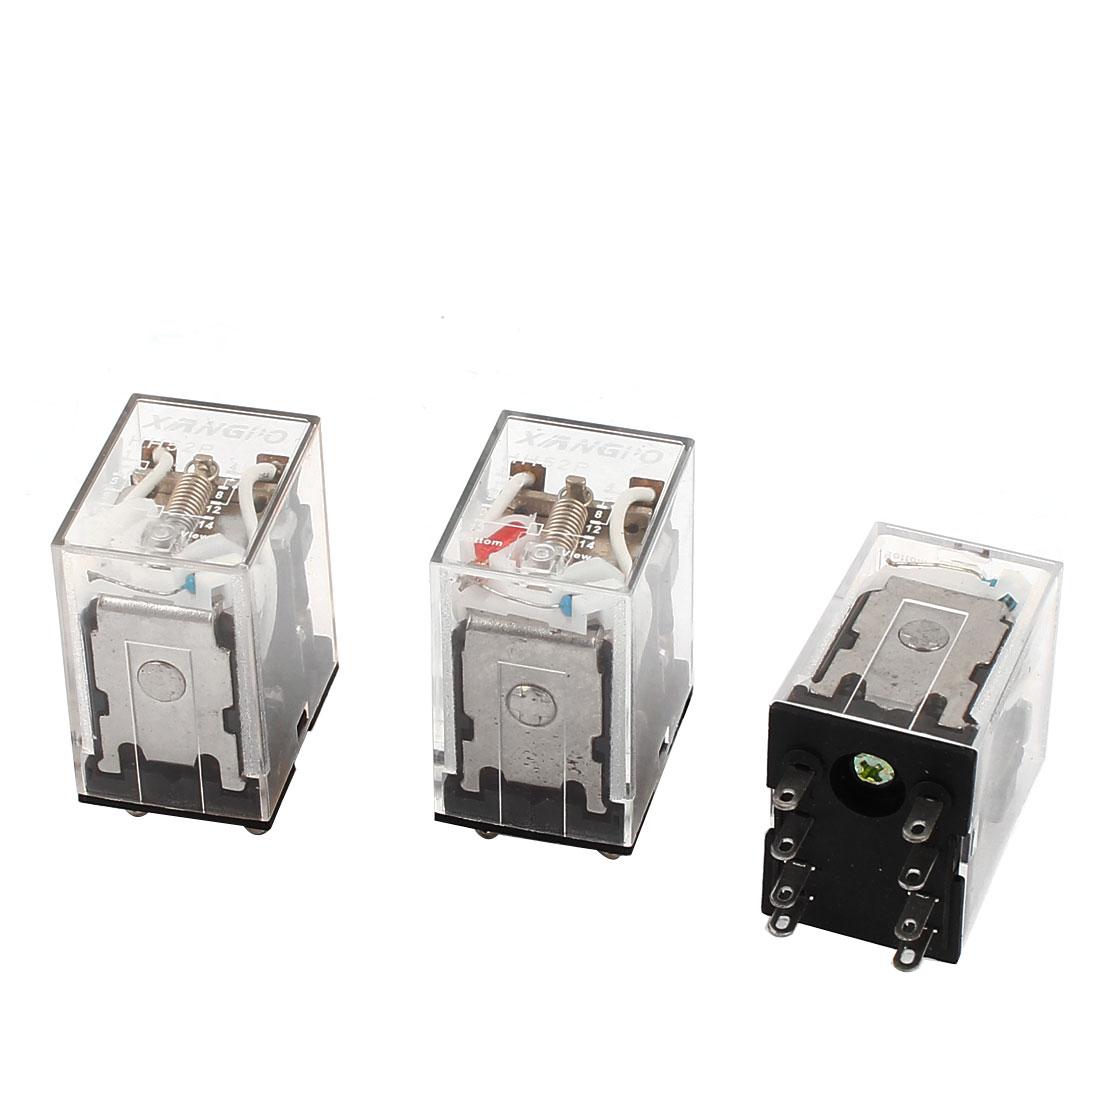 HH52PL 8Pins DPDT AC 220-240V Coil Voltage Red LED Pilot Light Power Relay 3 Pcs